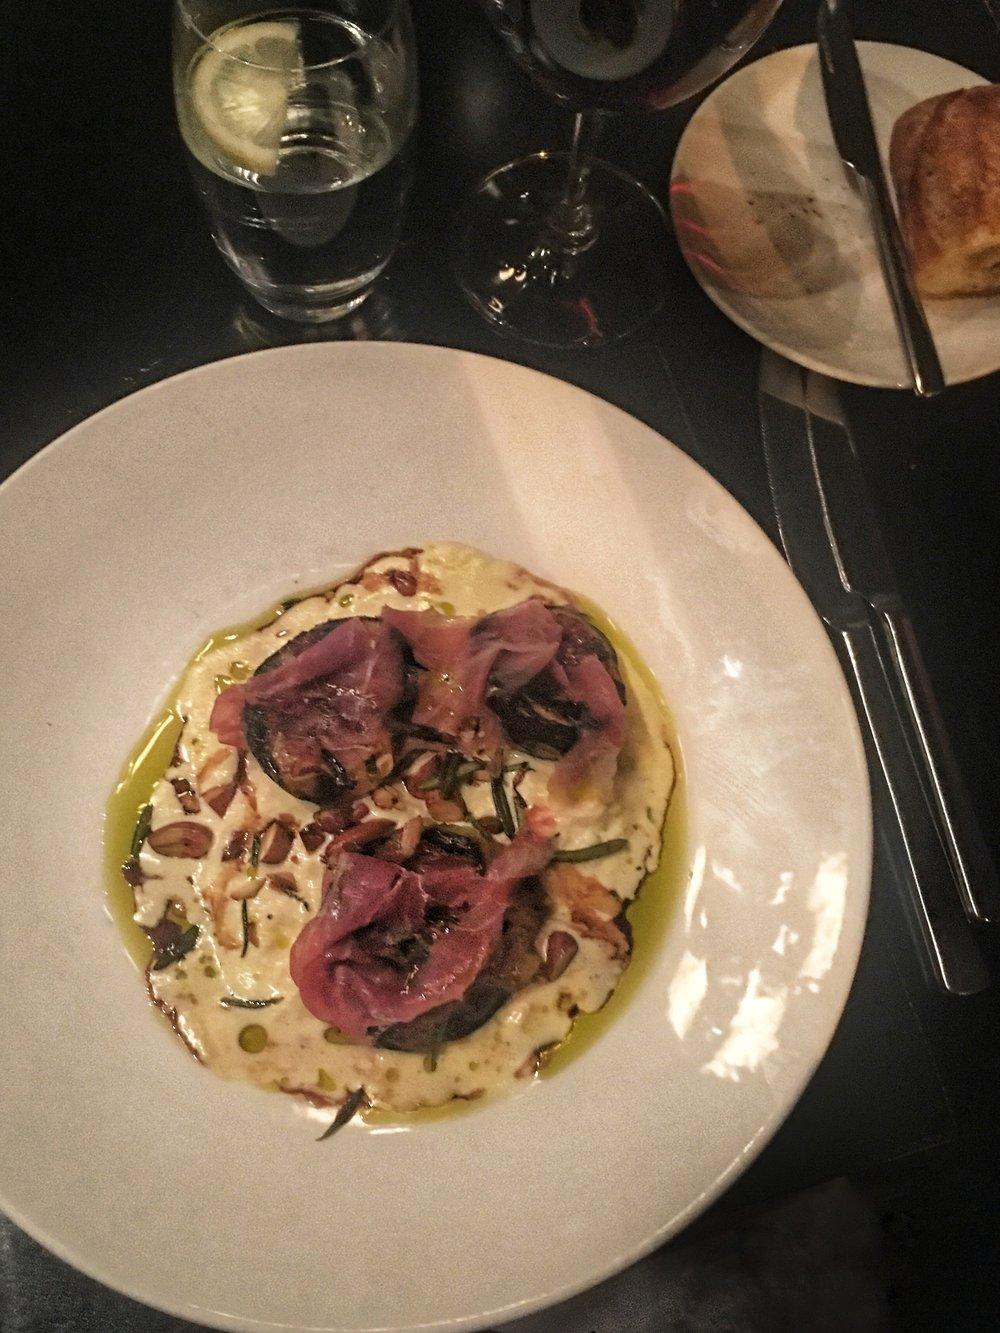 Grilled Figs with Stracciatella, Almonds and Parma Prosciutto.